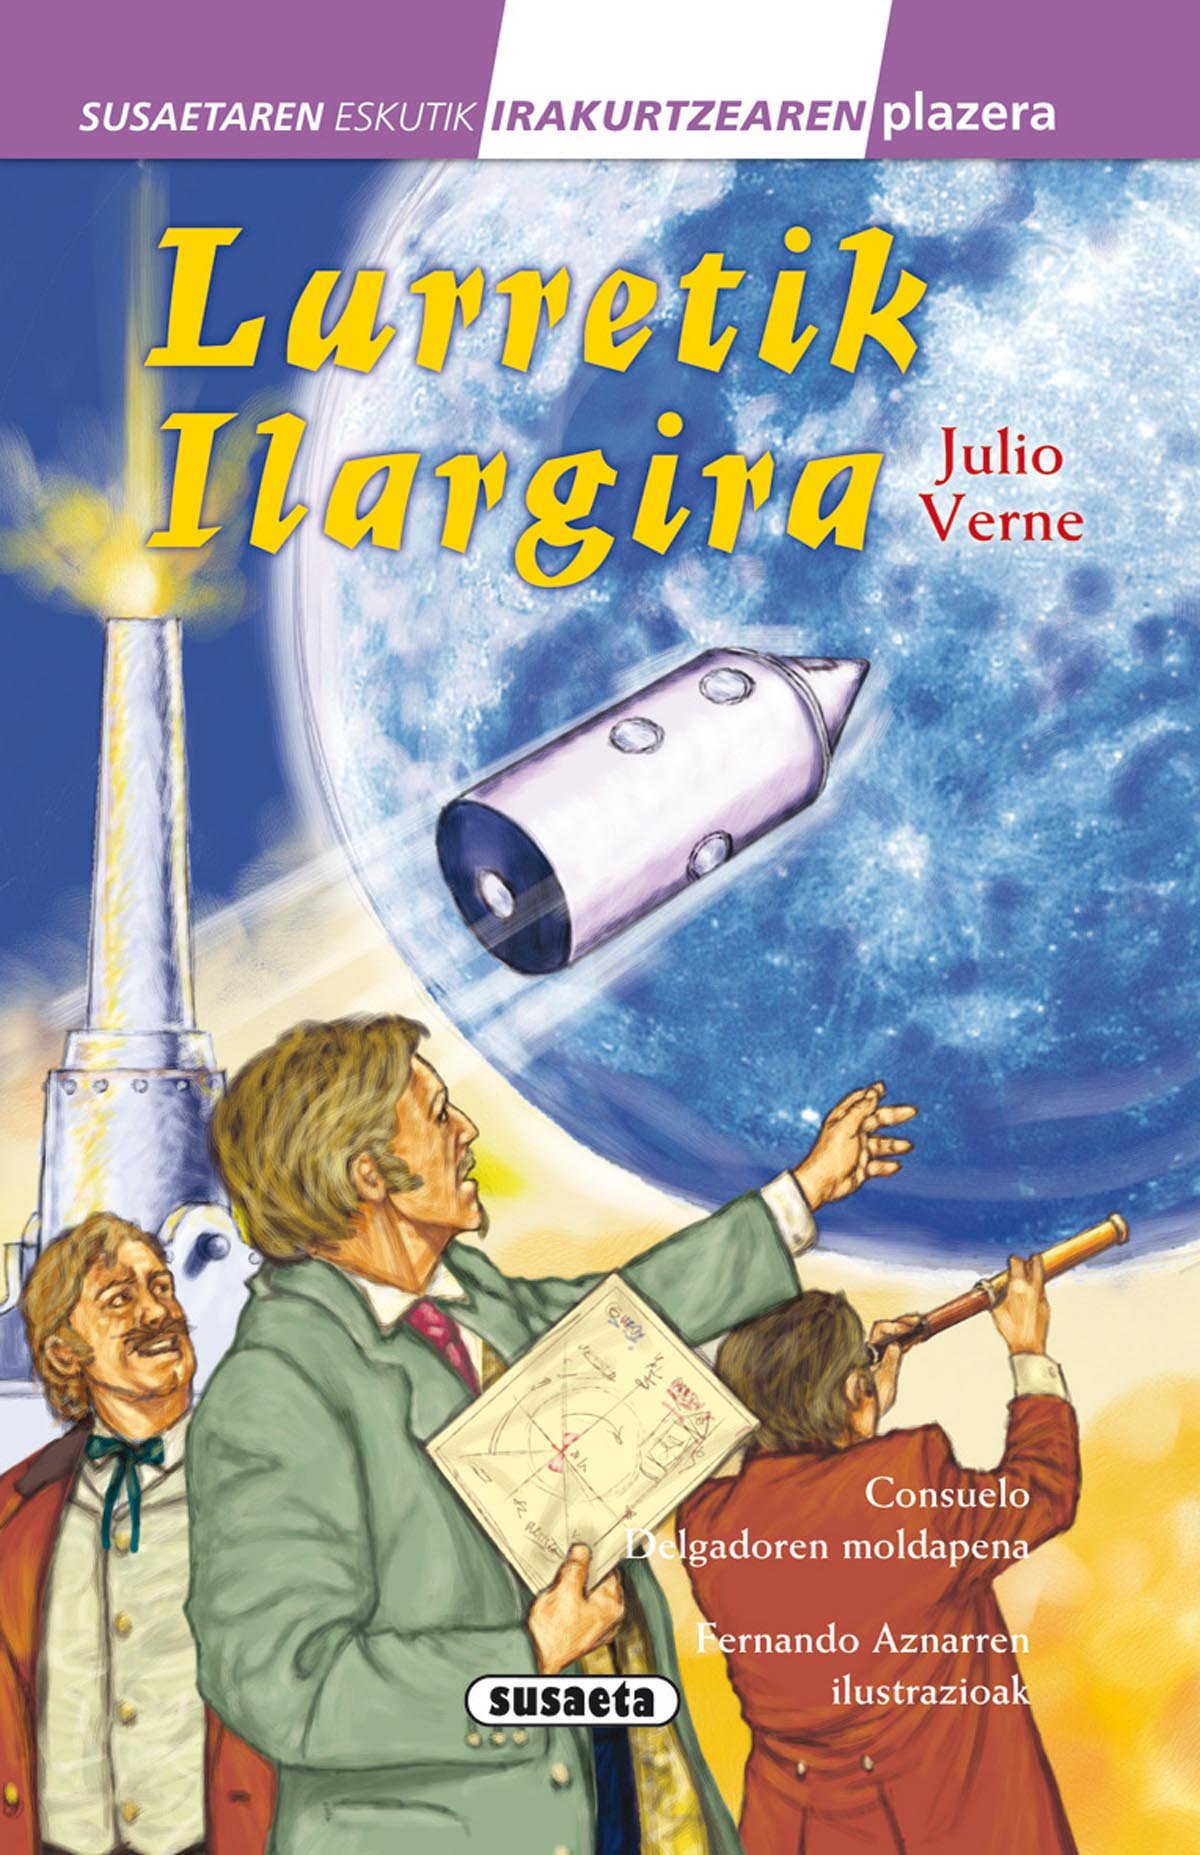 Lurretik ilargira (Susaetaren eskutik irakurri - 4.Maila) (Euskera) Tapa dura – 28 ene 2015 Julio Verne Fernando Aznar 8467739622